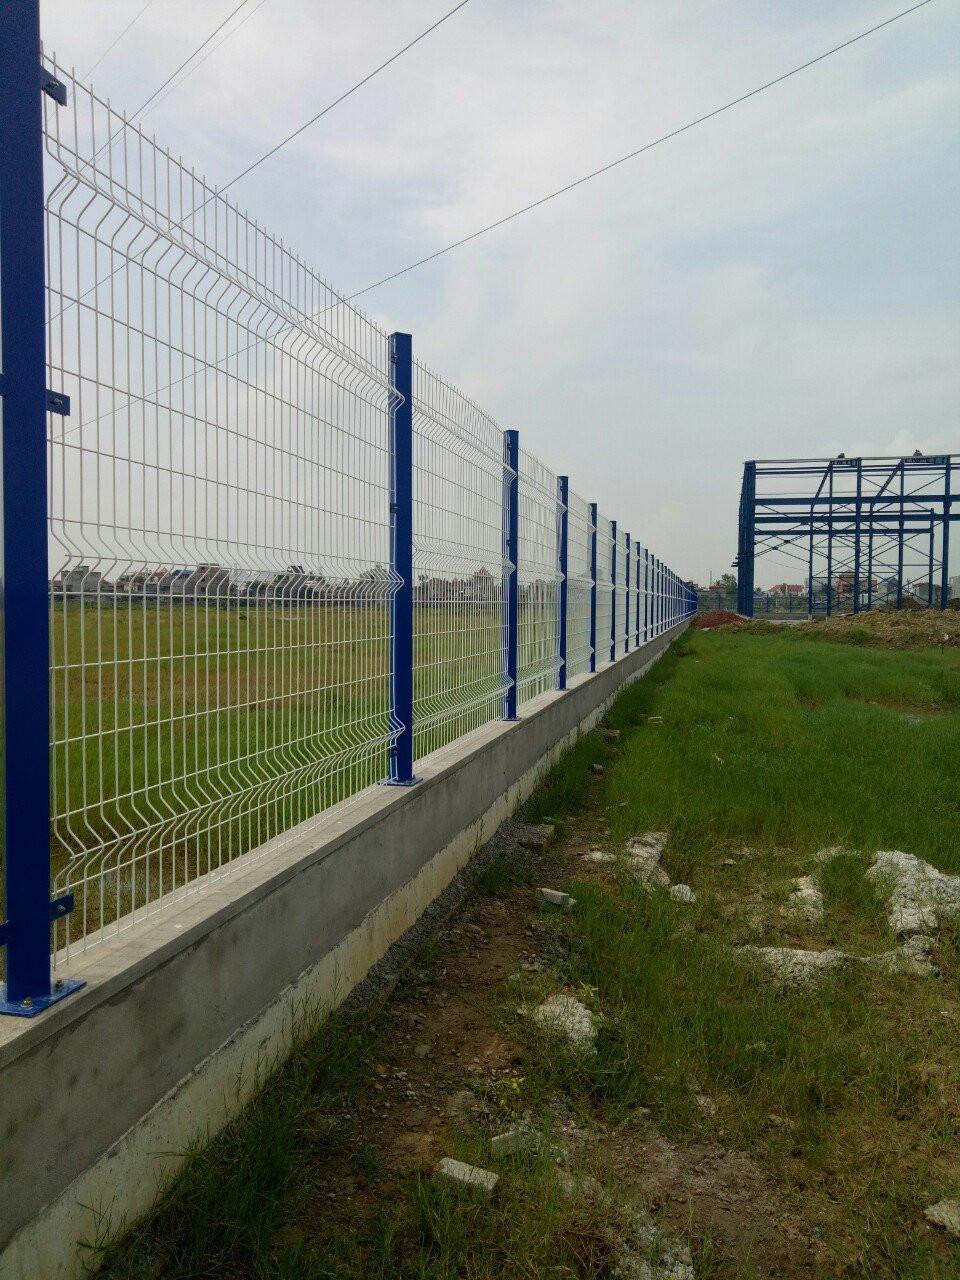 Sản xuất lưới thép hàng rào bẻ tam giác, hàng rào uốn sóng, hàng rào sơn tĩnh điện